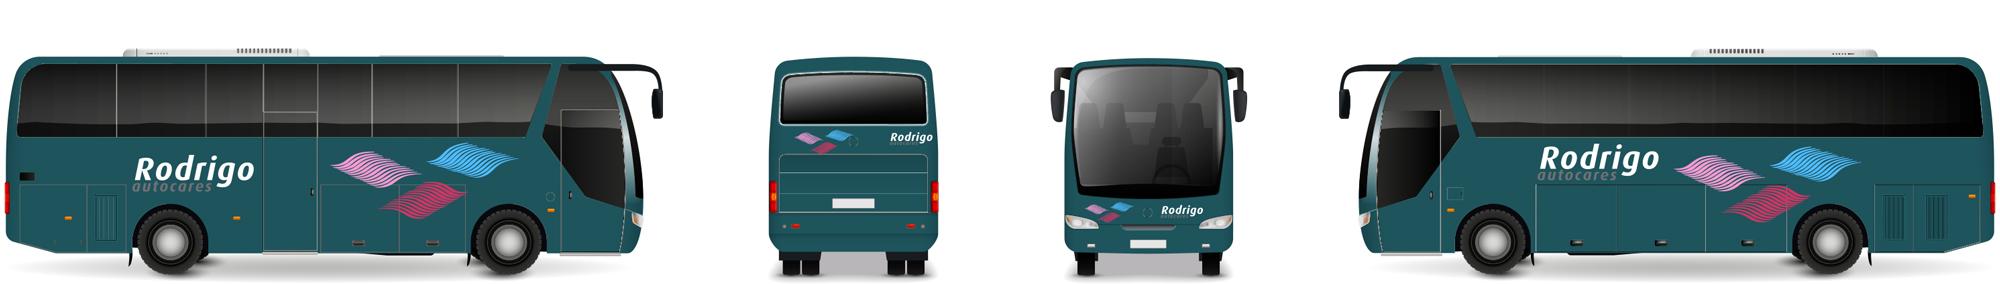 Autocares Rodrigo | Empleo